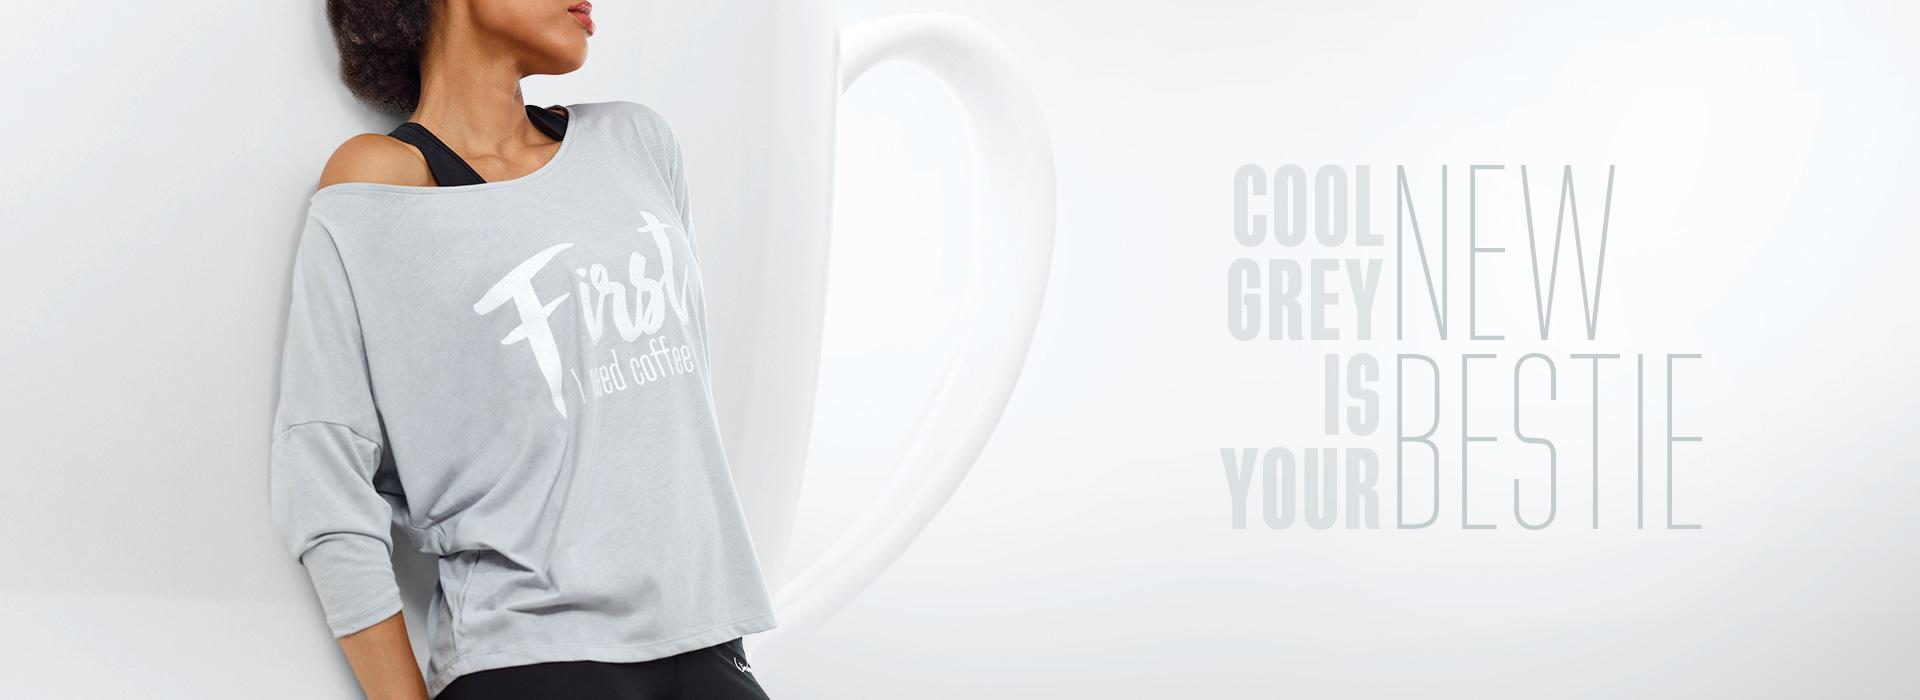 Cool Grey is your NEW BESTIE